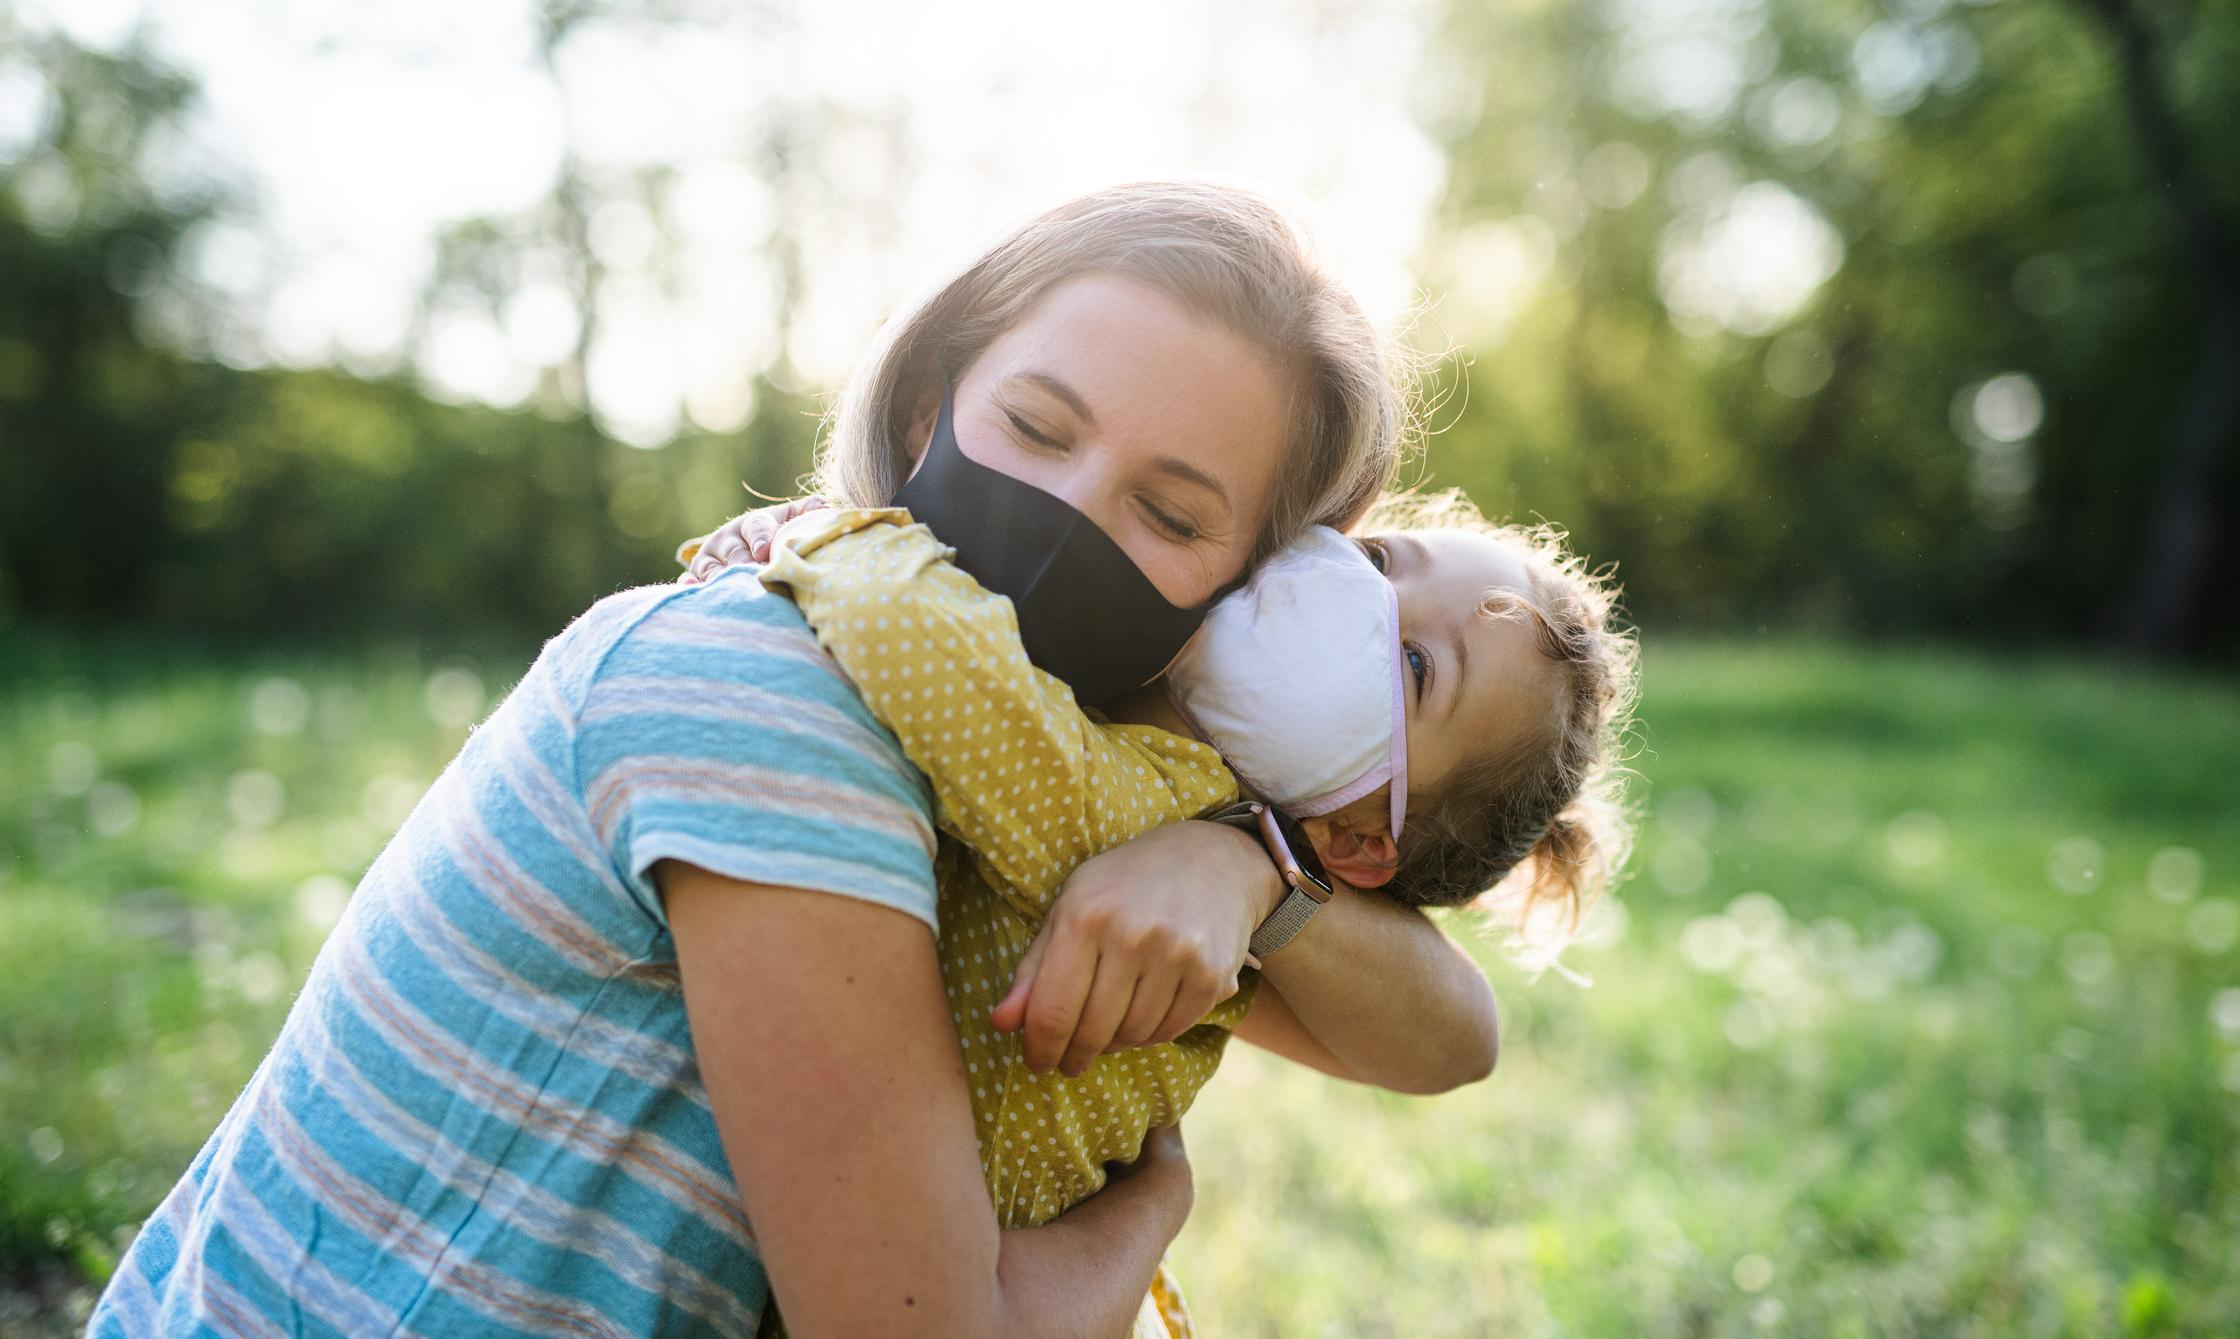 Assegno temporaneo per figli minori 1